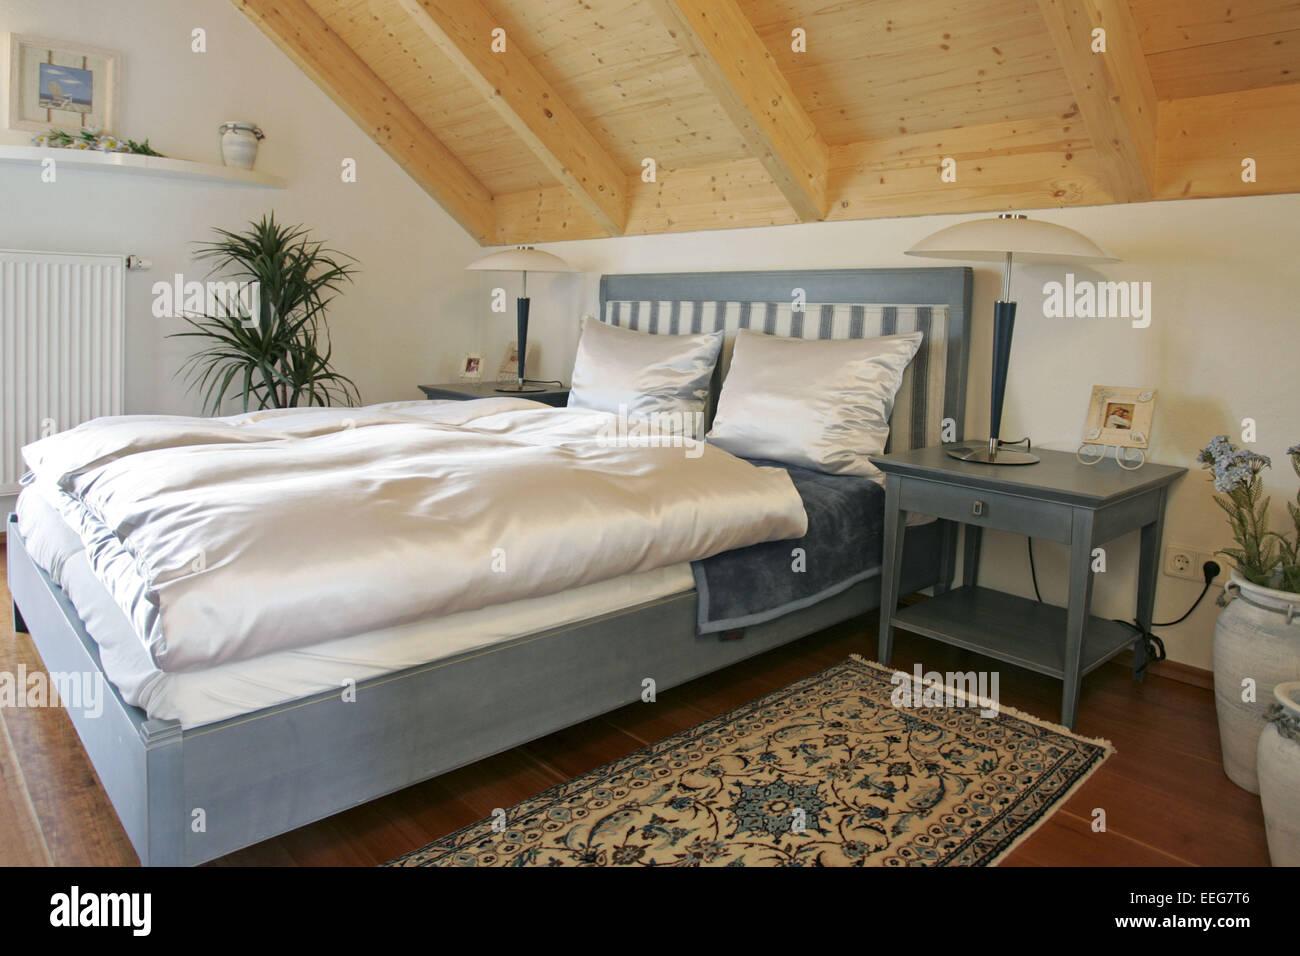 Schlafzimmer Wohnen Innenaufnahme Inneneinrichtung Wohnung Wohnraum  Einrichtung Moebel Mobiliar Modern Interieur Bett Schrank Te